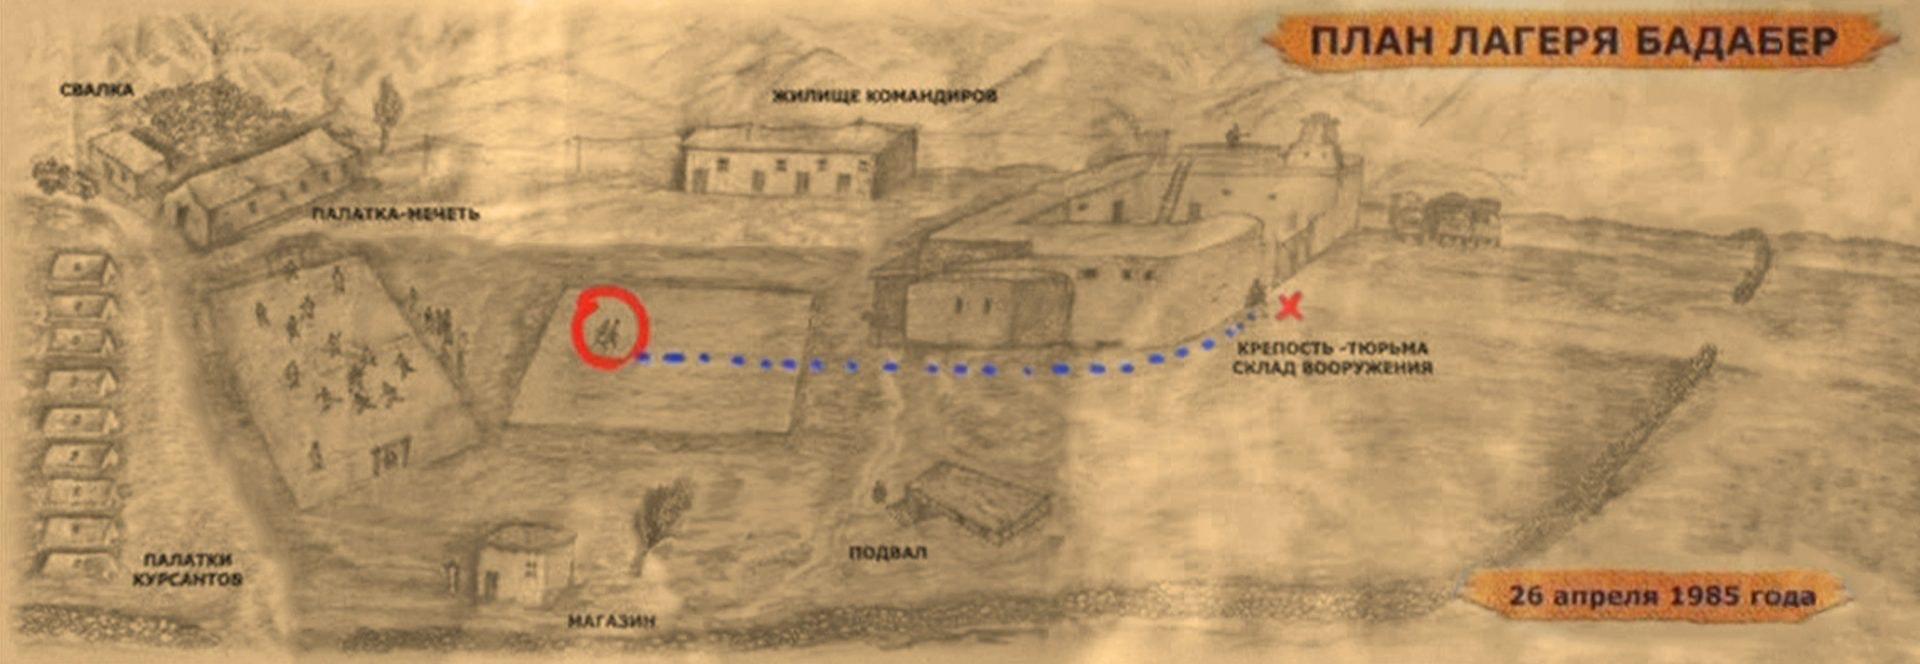 Plan lagerya Badaber